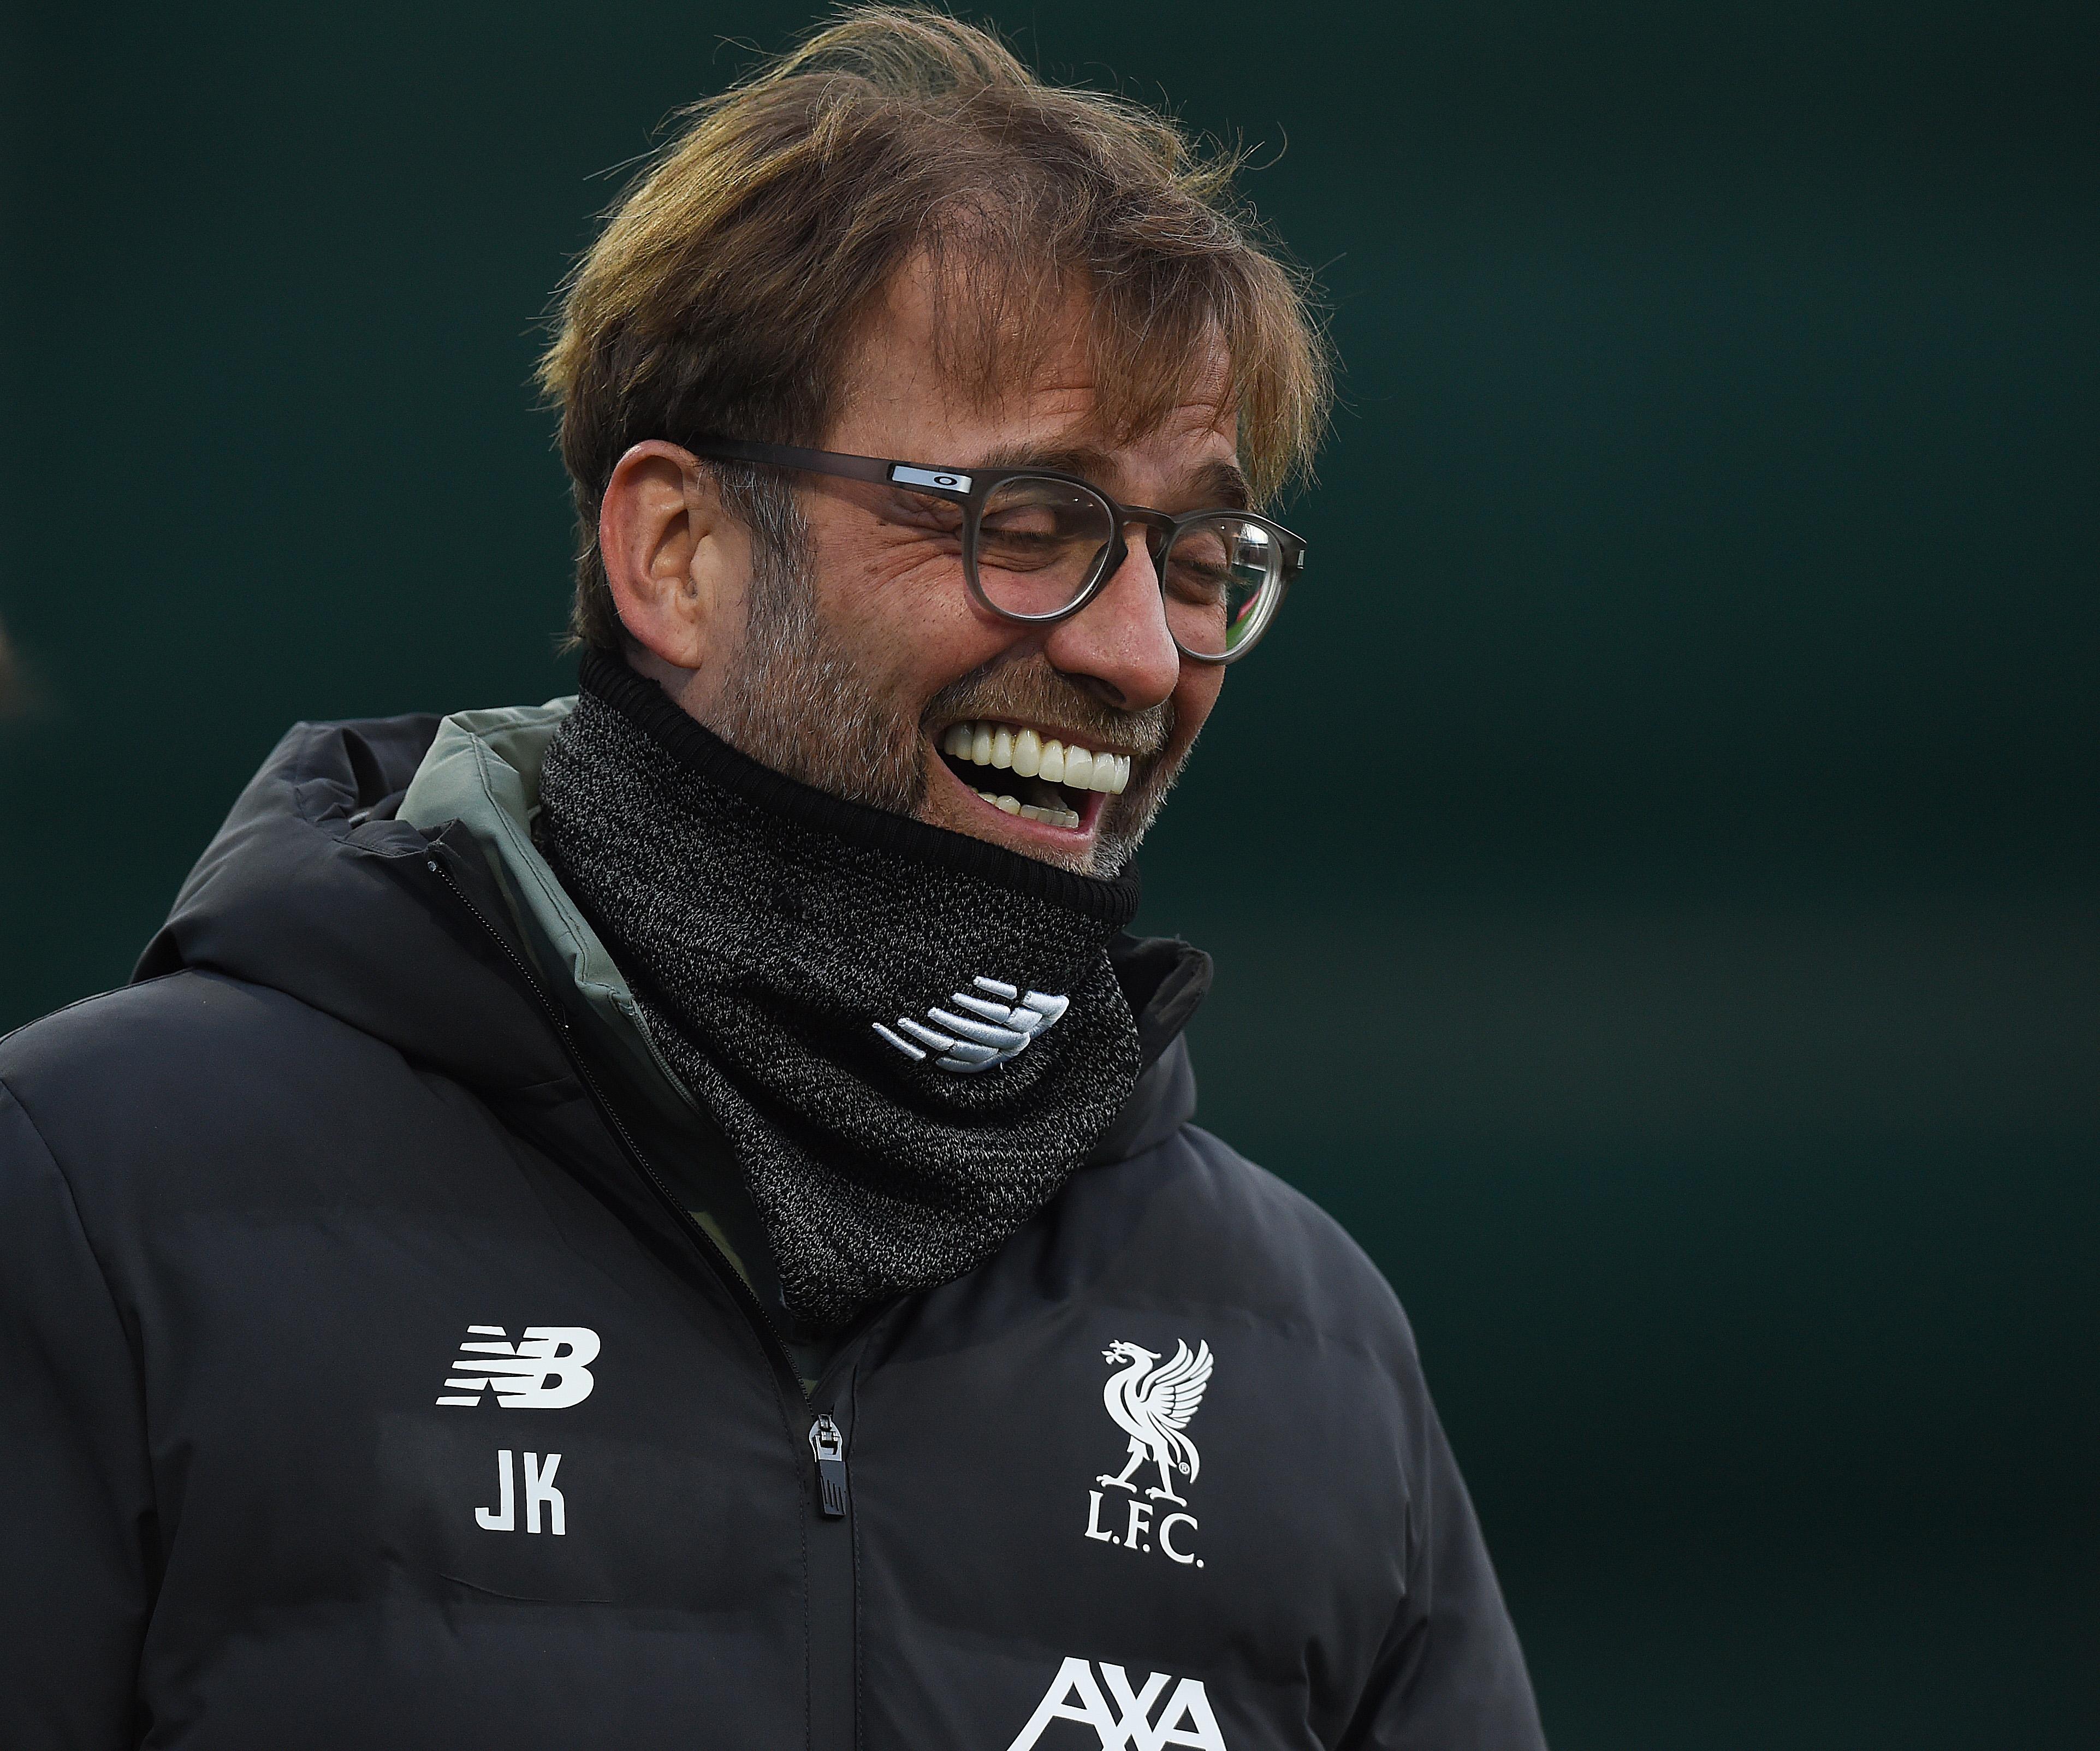 Jurgen Klopp - Liverpool FC - Premier League